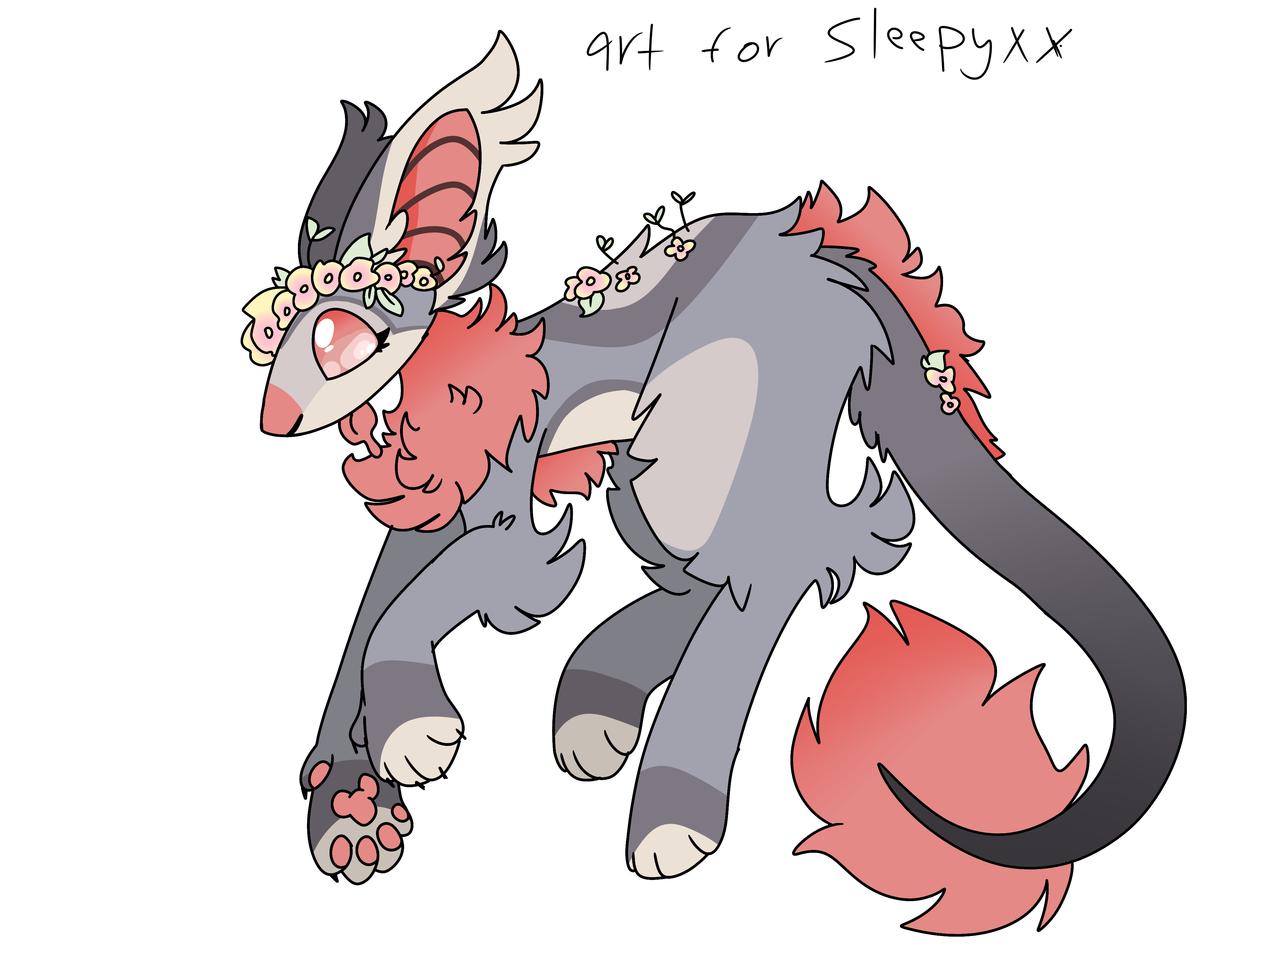 Art for Sleepyxx Illust of ❄Ash❄ Sarv mode medibangpaint Sleepyxx